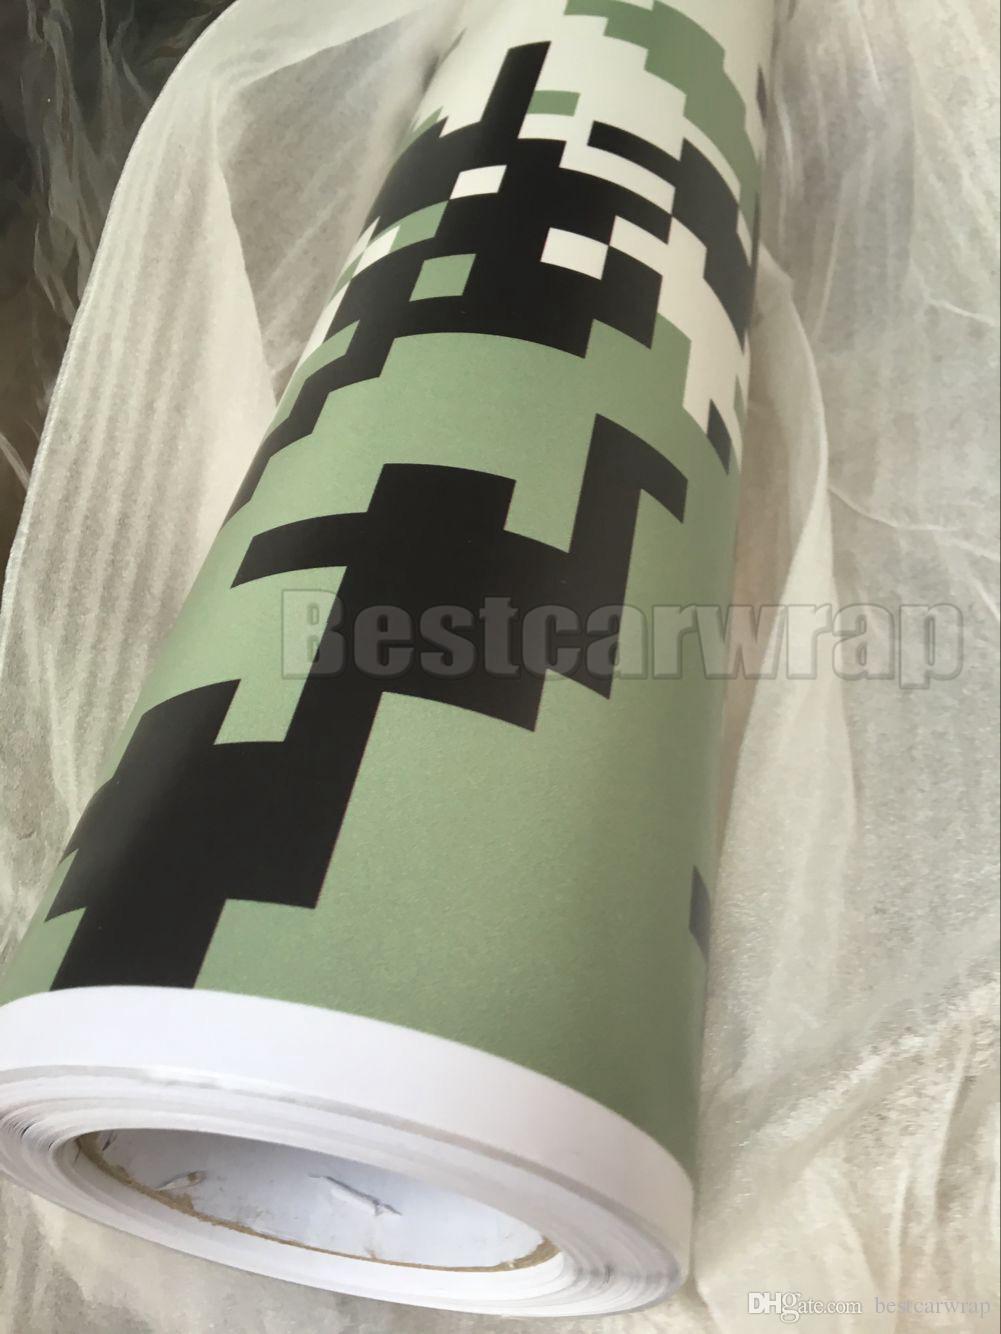 Dijital Ordu Askeri Camo VINYL Tam Araba Sarma Kamuflaj Folyo Etiketler Camo kamyon ile hava ücretsiz boyutu ile kapsayan folyo 1.52x30 m / Rulo